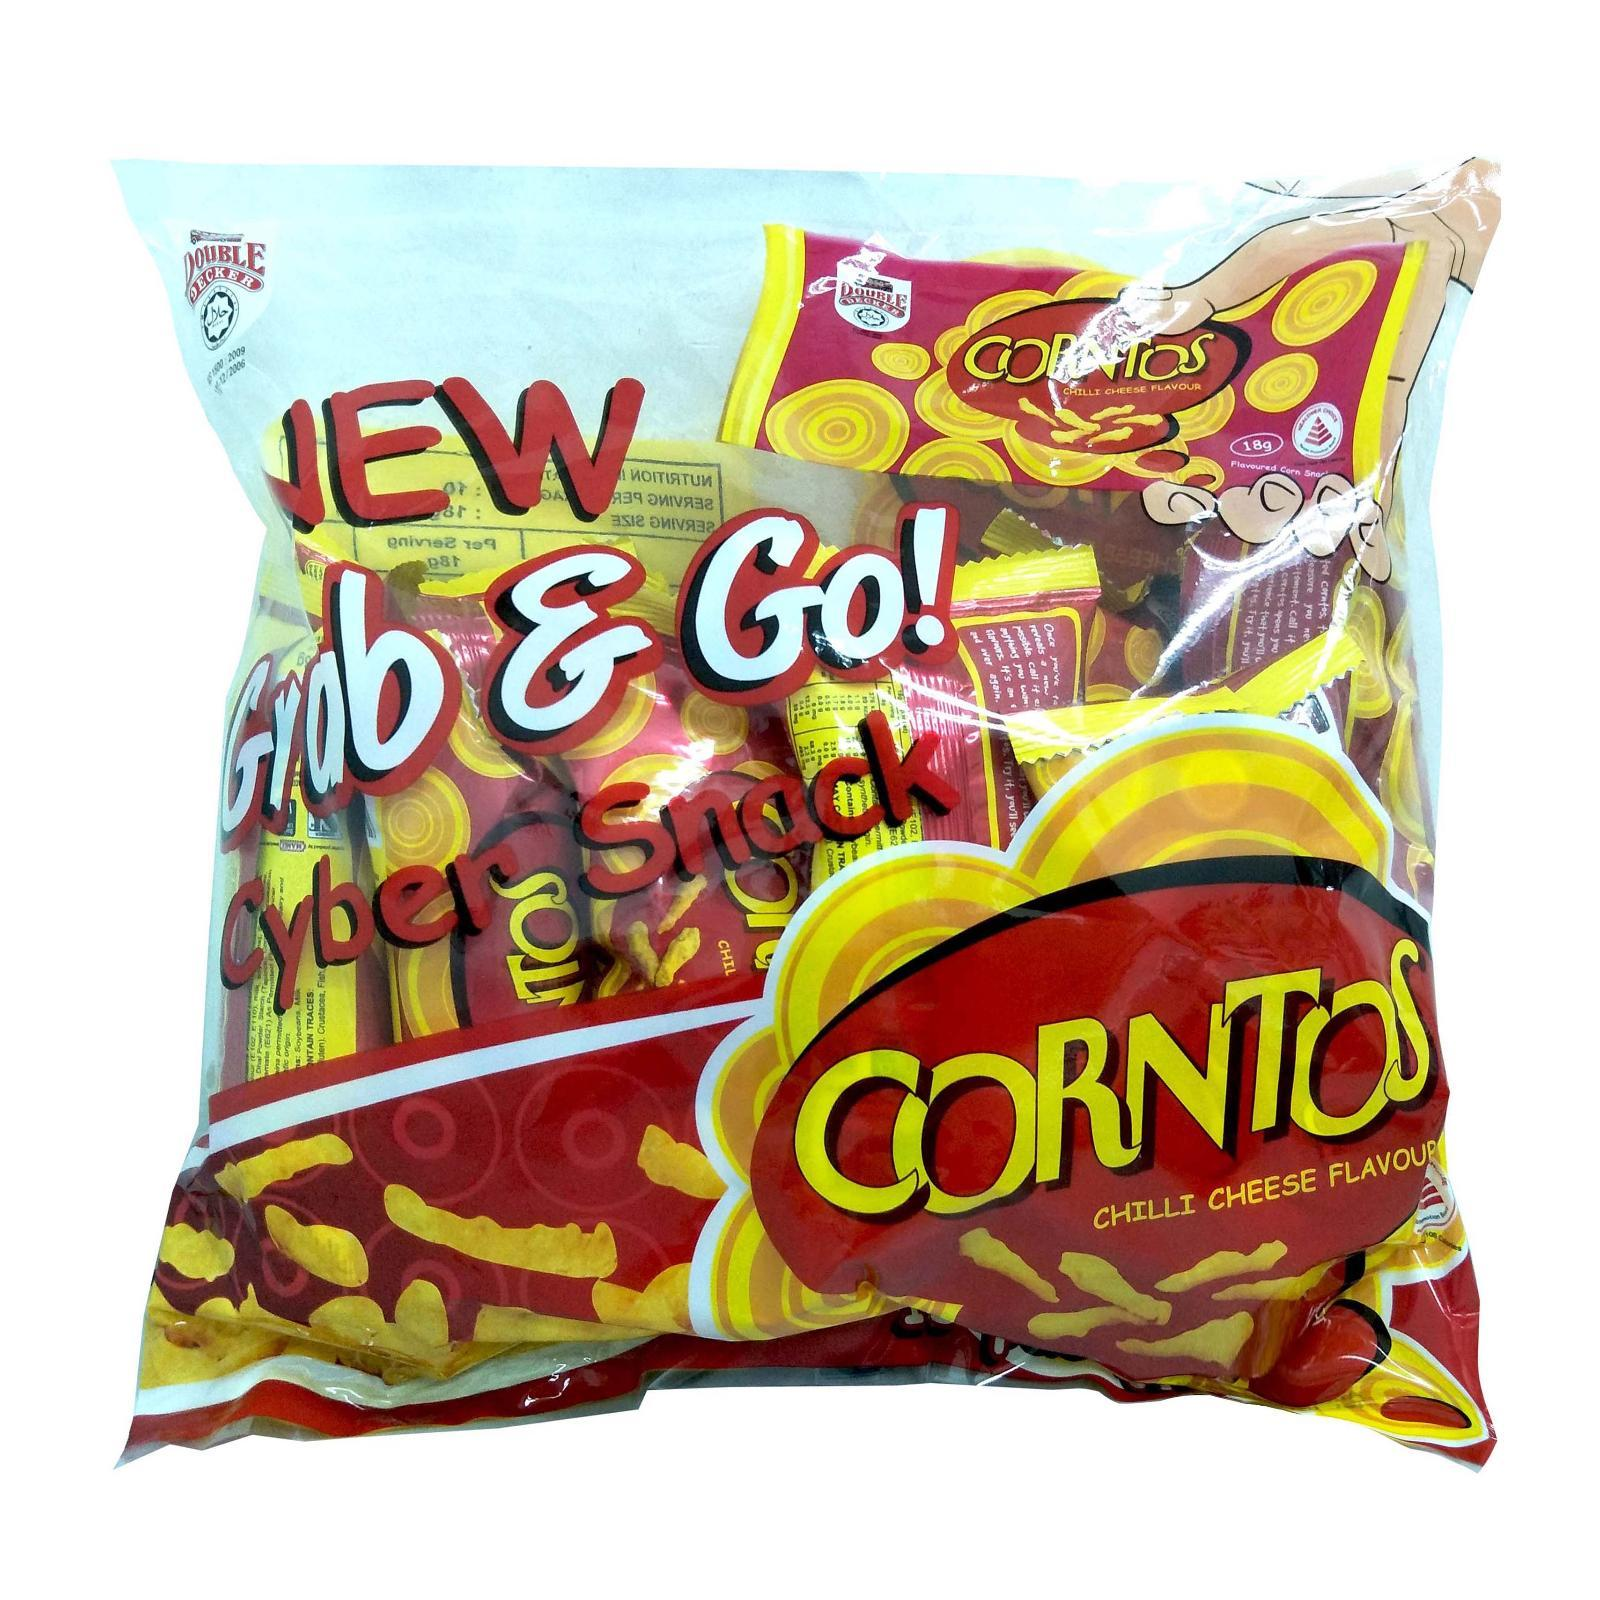 Corntos Chilli Cheese Flavour Corn Snack